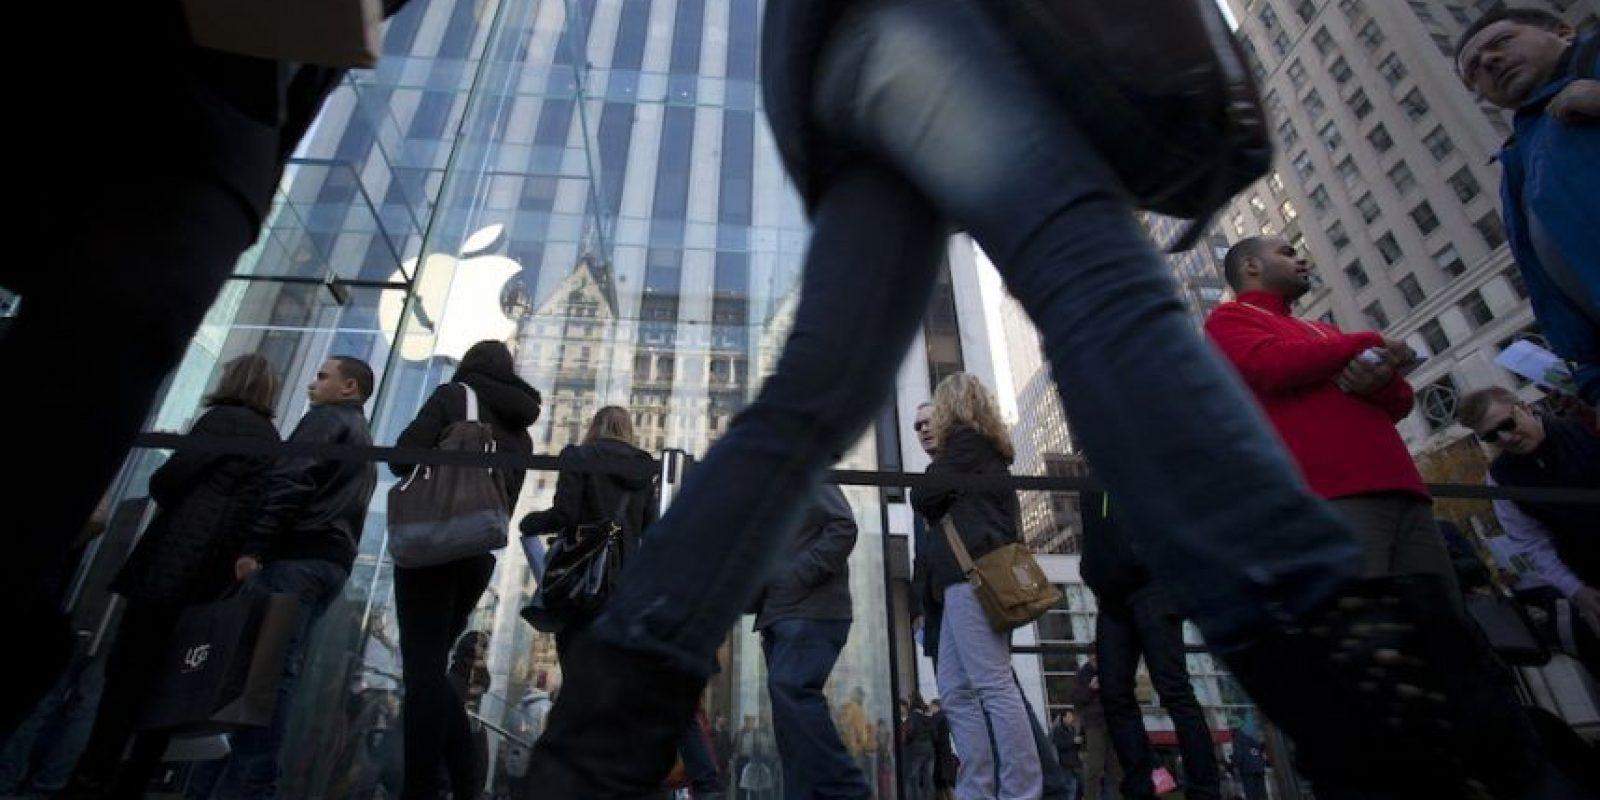 Las filas son comunes cuando se presenta un nuevo producto de la manzana. Foto:Getty Images